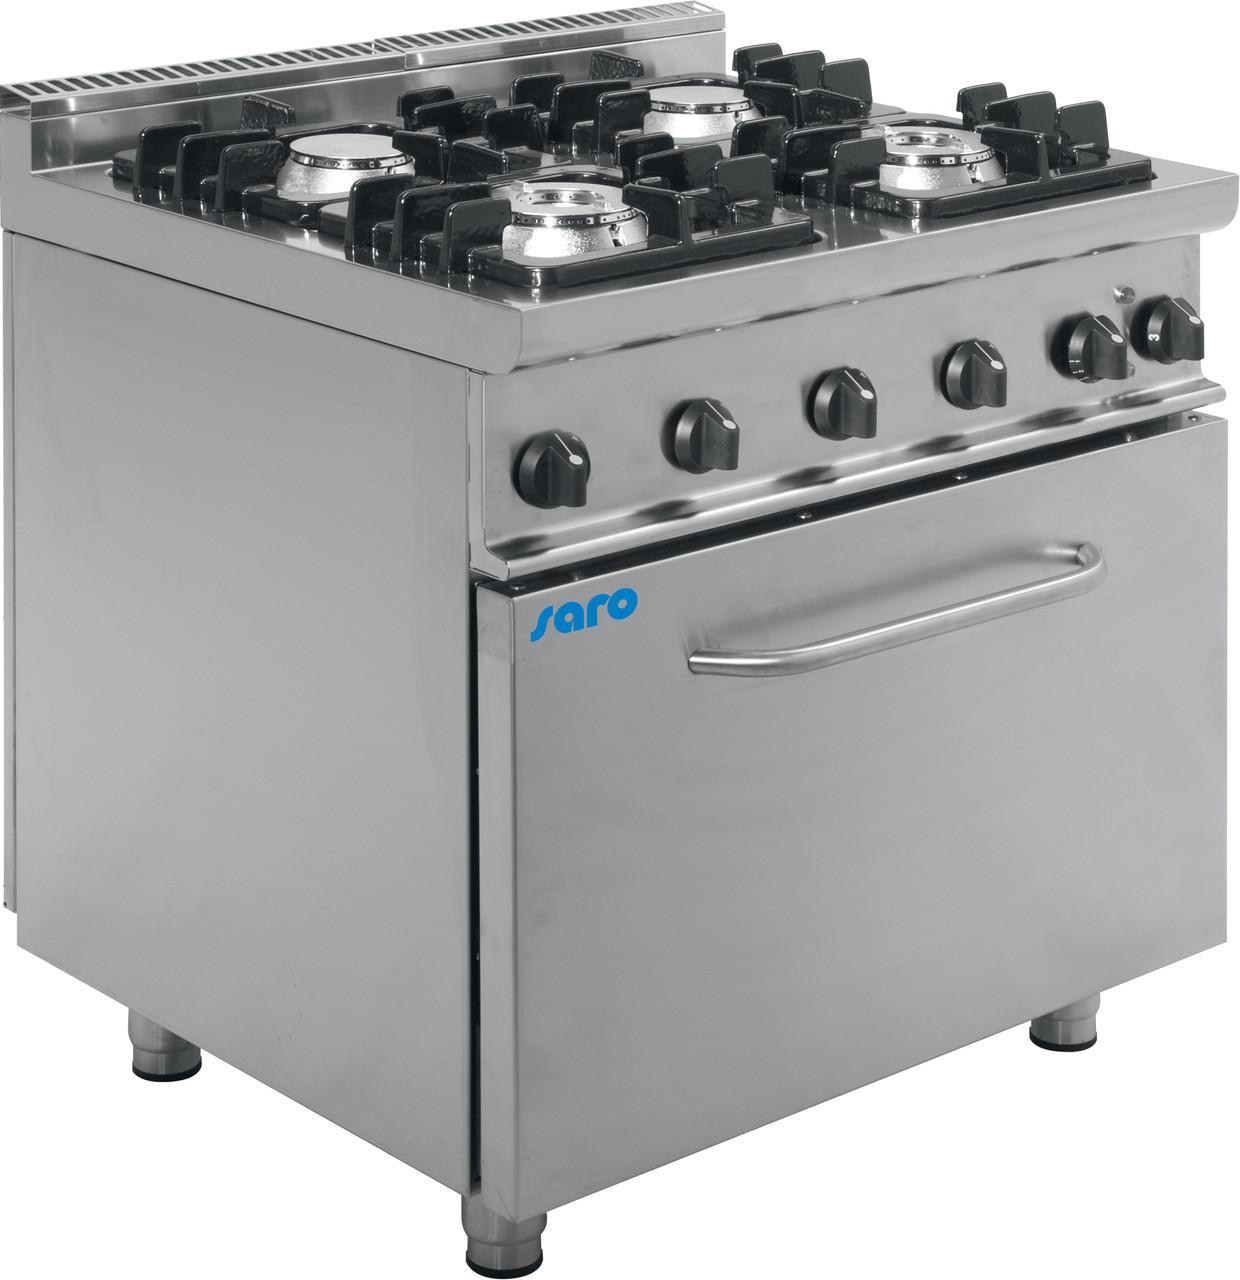 Газовая плита с электрической духовкой E7 / KUPG4LE Saro